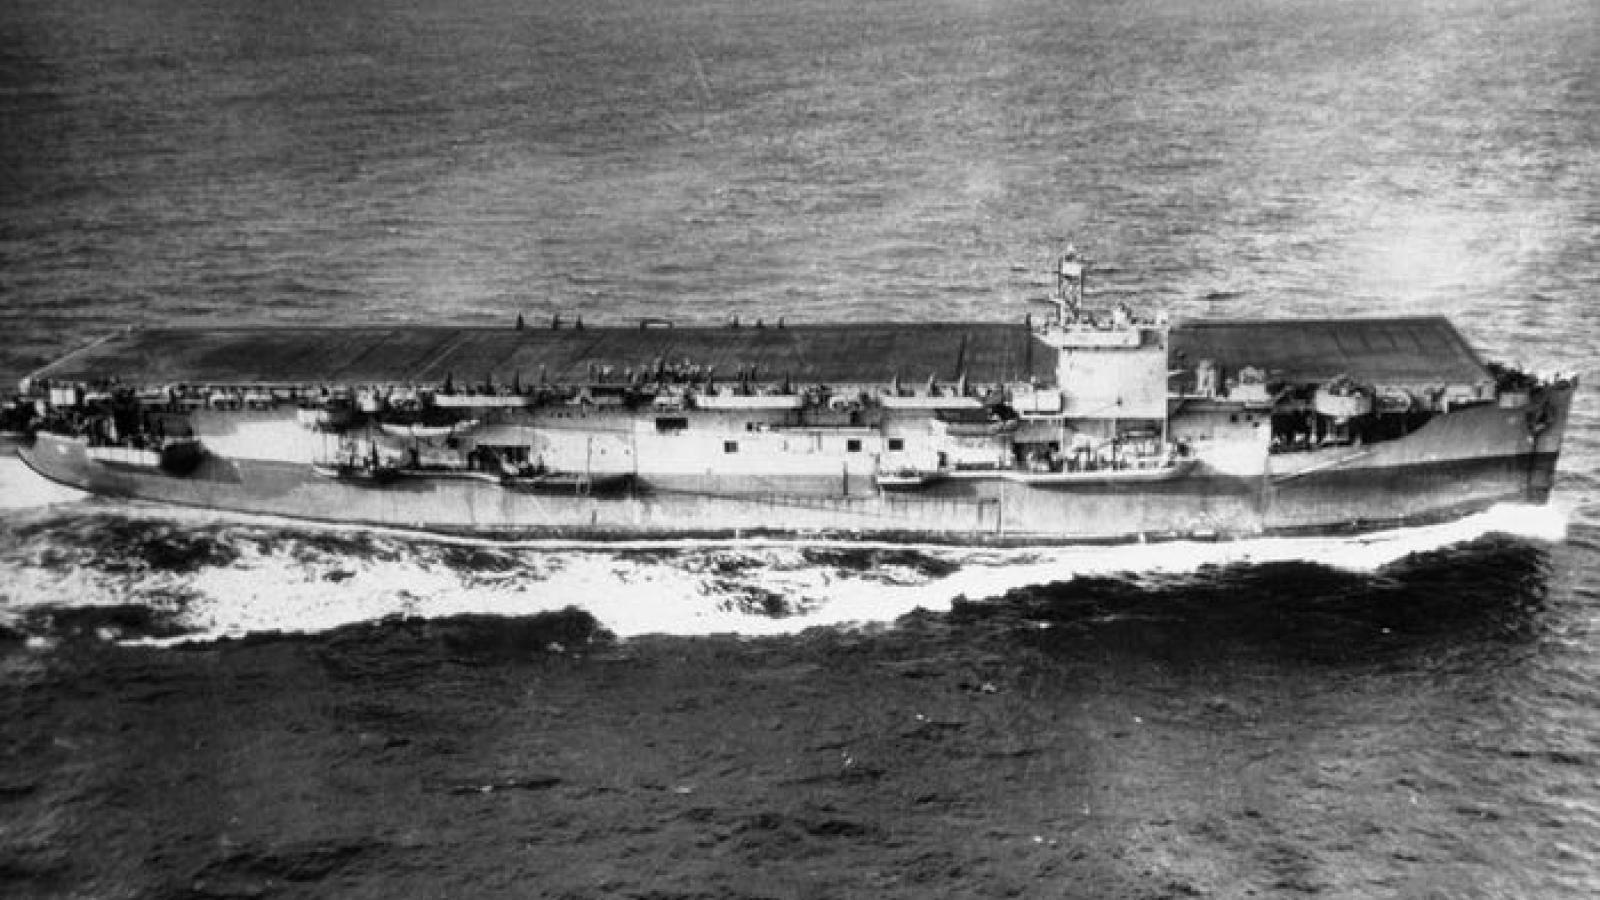 """Tàu sân bay """"nhỏ mà có võ"""" giúp Hải quân Mỹ giành thắng lợi trong Thế chiến 2"""